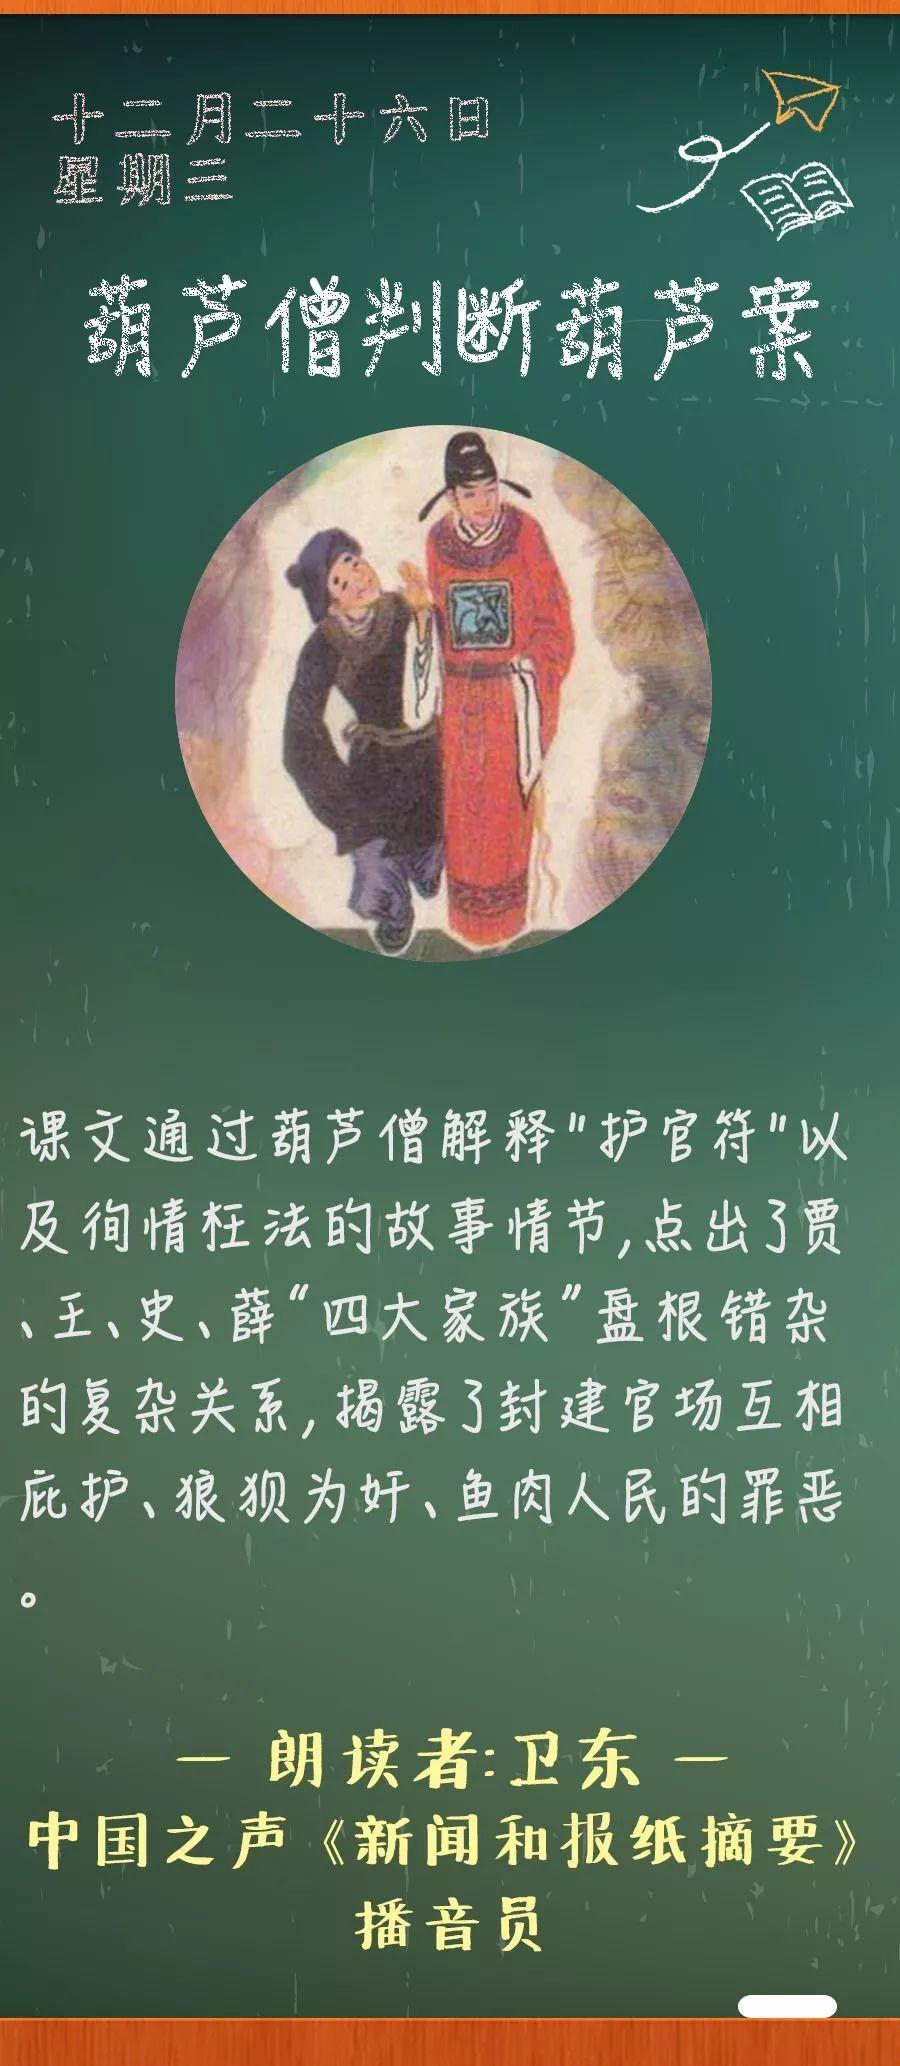 《葫芦僧判断葫芦案》丨那些年,我们一起读过的课文